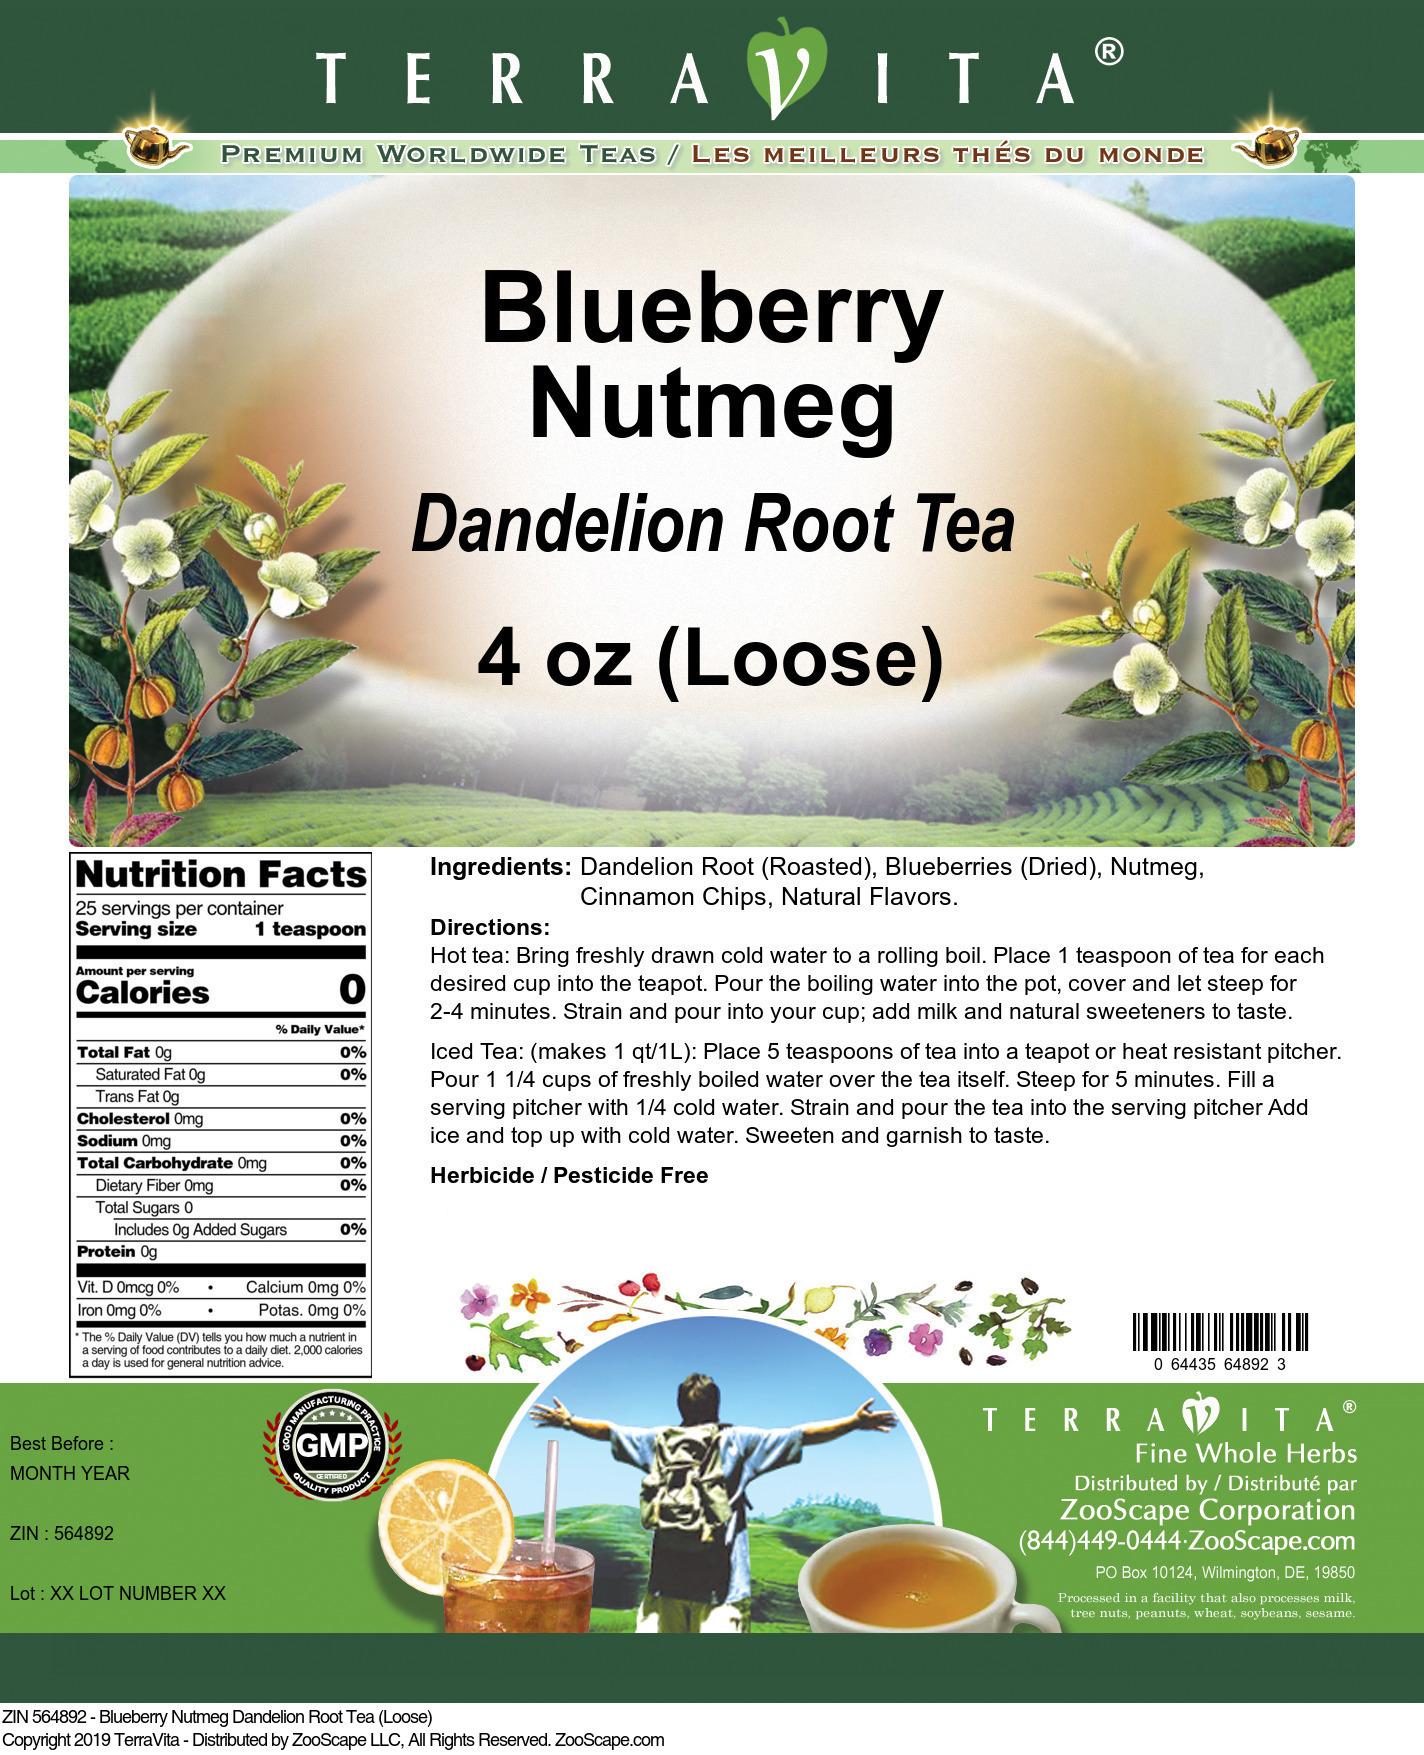 Blueberry Nutmeg Dandelion Root